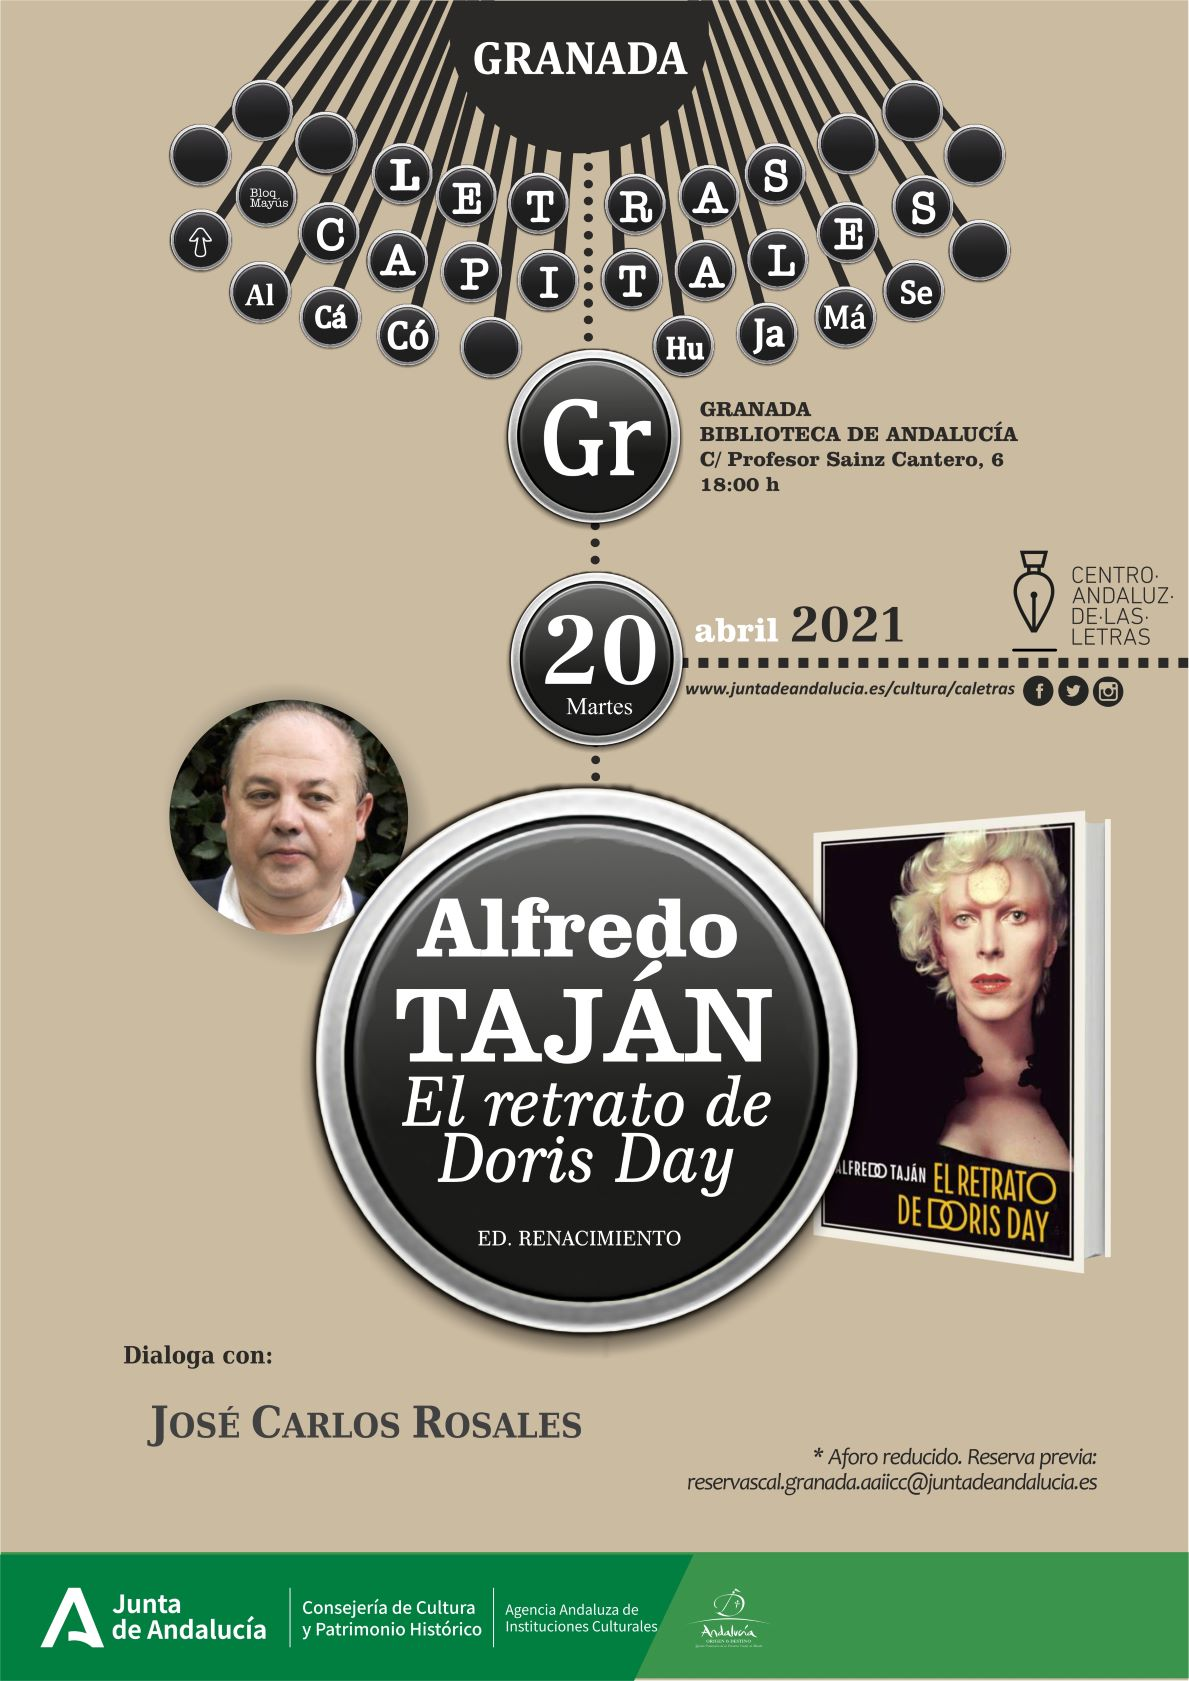 'El retrato de Doris Day', de Alfredo Taján, se presentará mañana en la Biblioteca de Andalucía